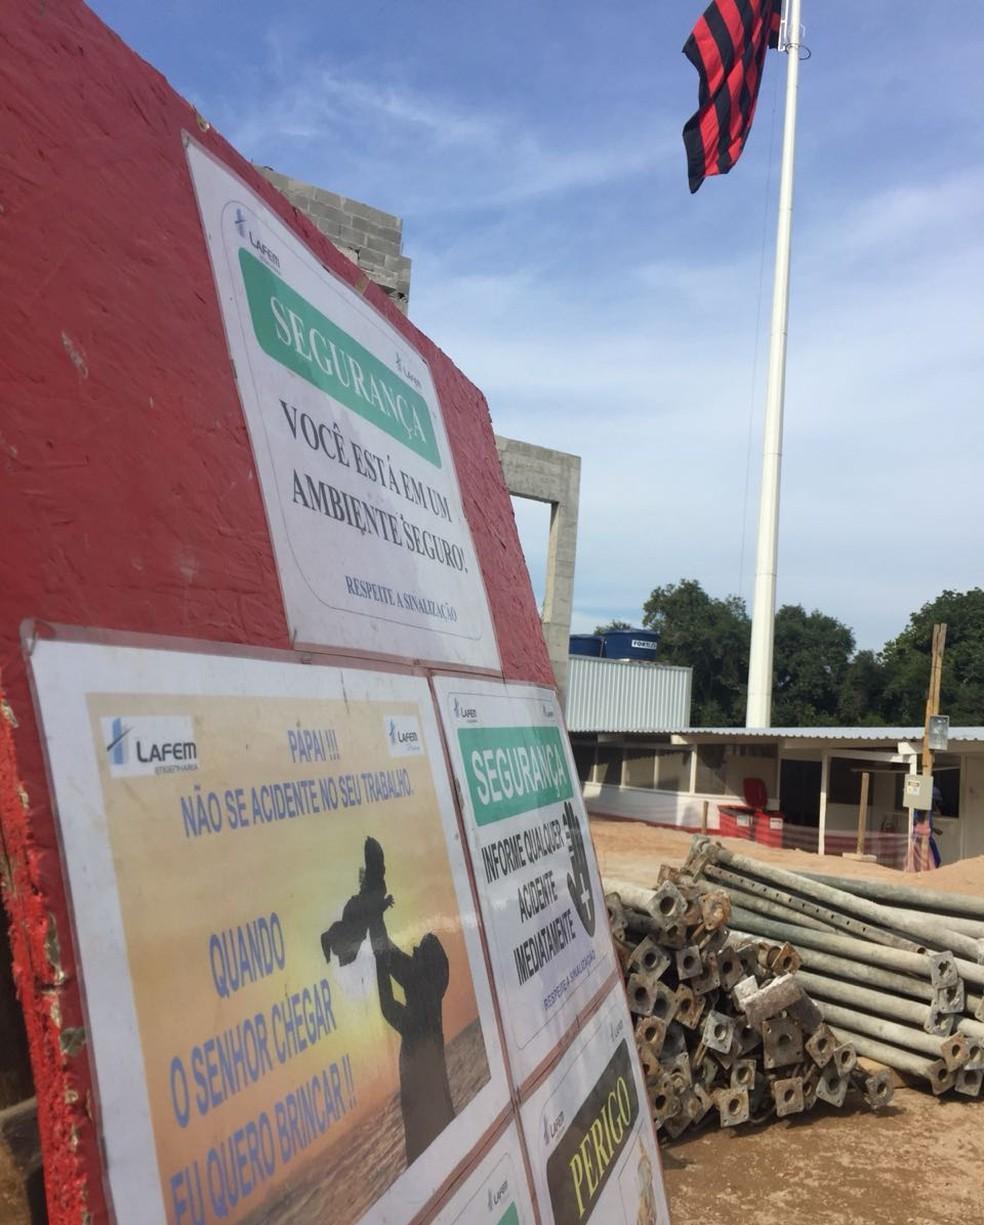 Na entrada da obra, placa alerta para cuidados aos trabalhadores (Foto: Raphael Zarko)